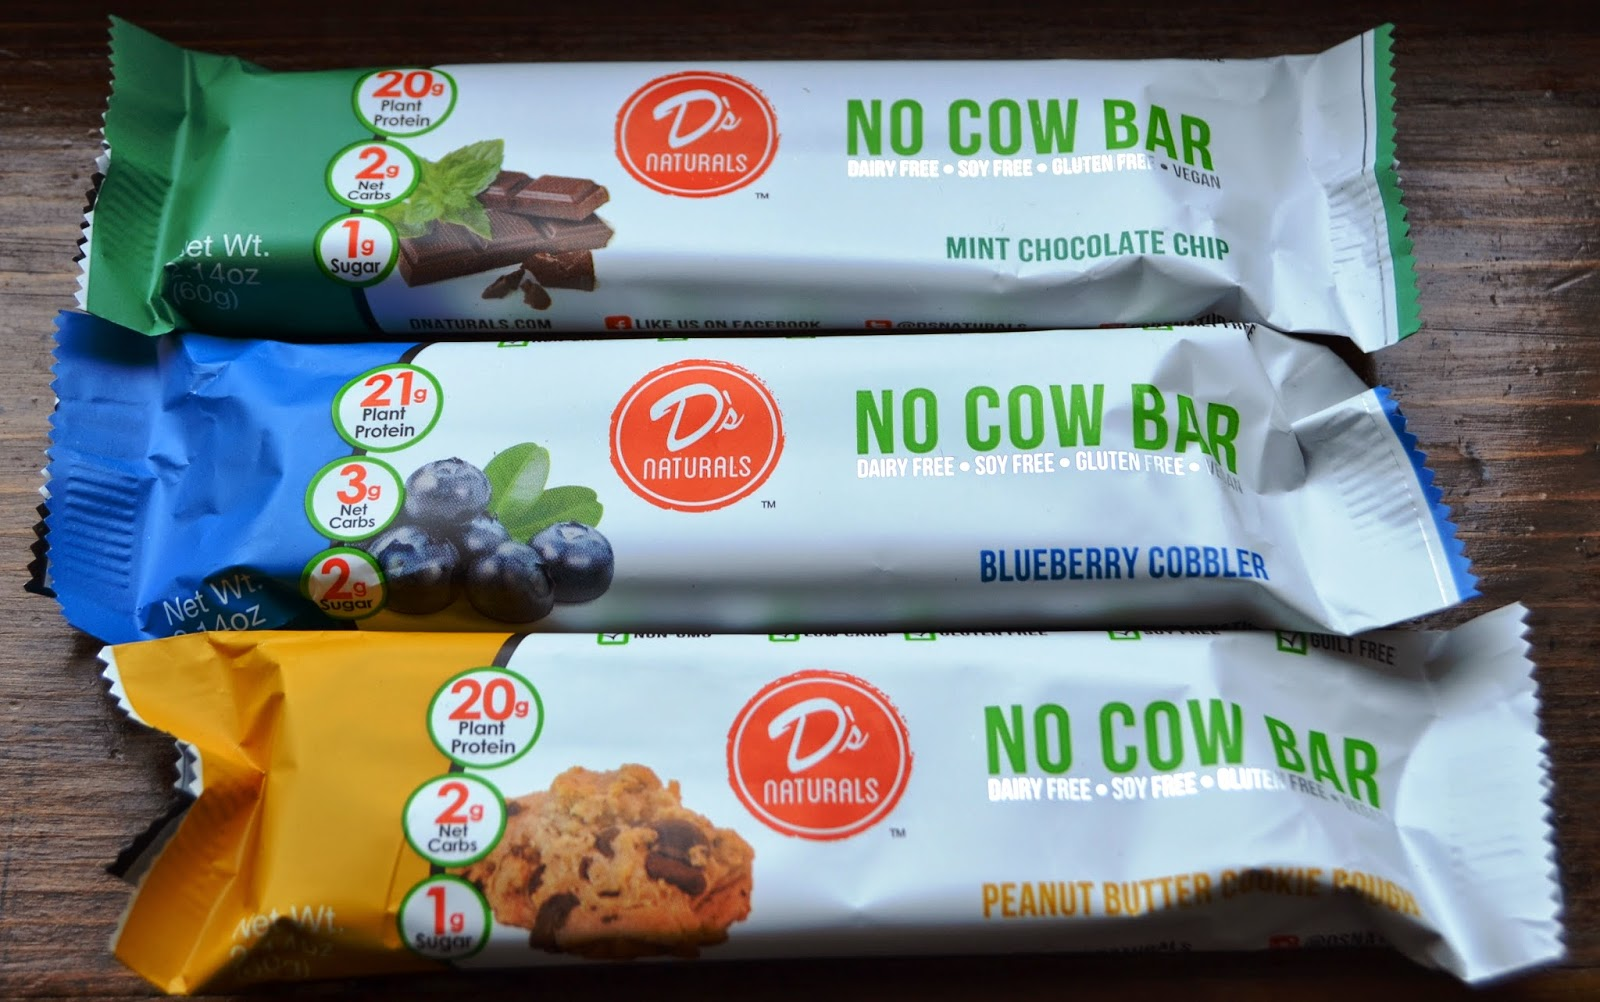 D's Naturals No Cow Bar